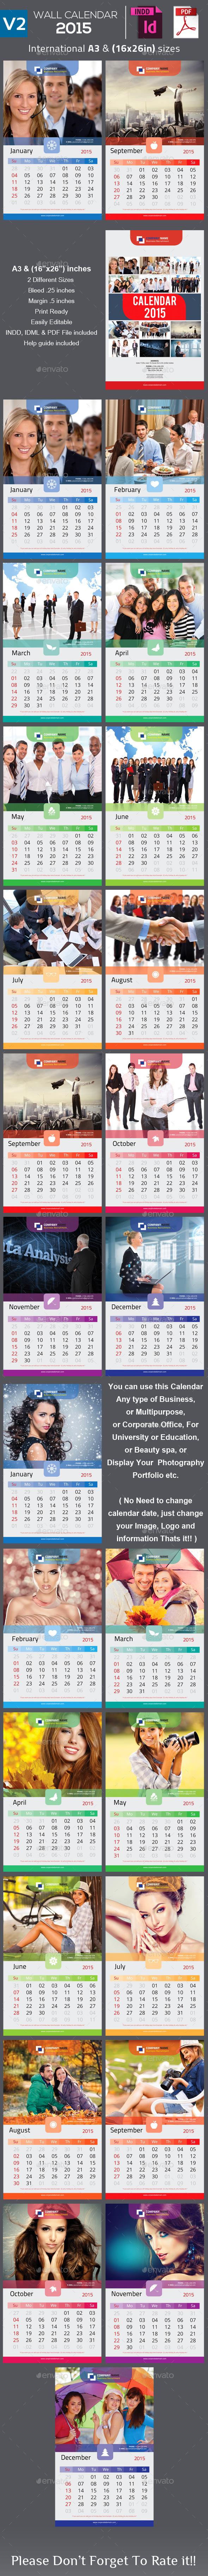 Clean Wall Calendar 2015 V2